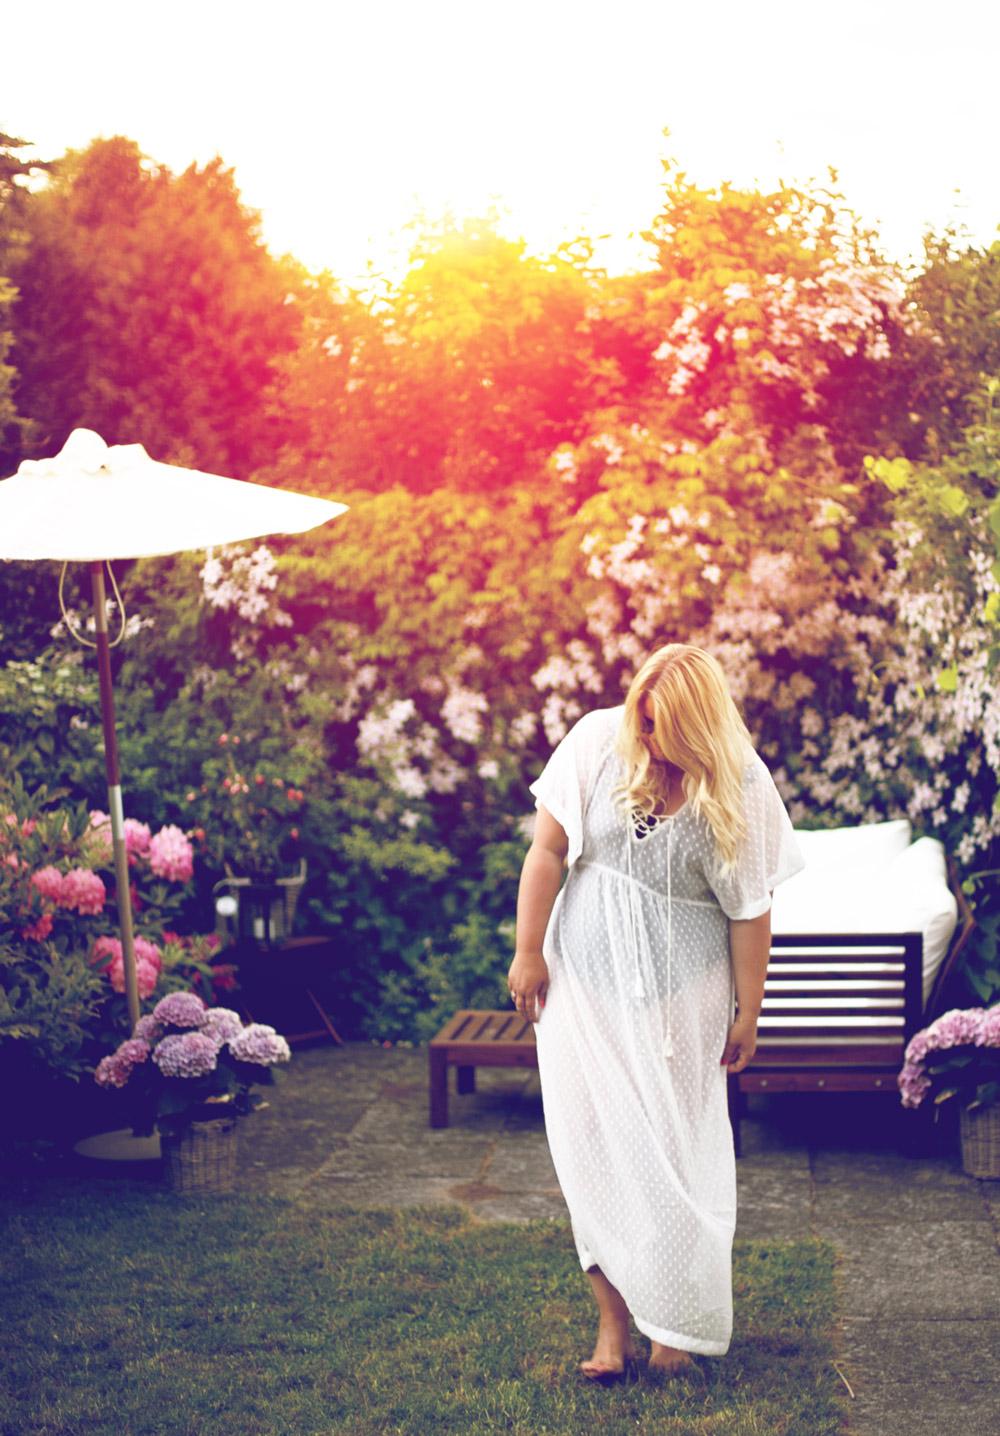 acie-ellos-badedragt-pool-dress-hvid-3-of-6